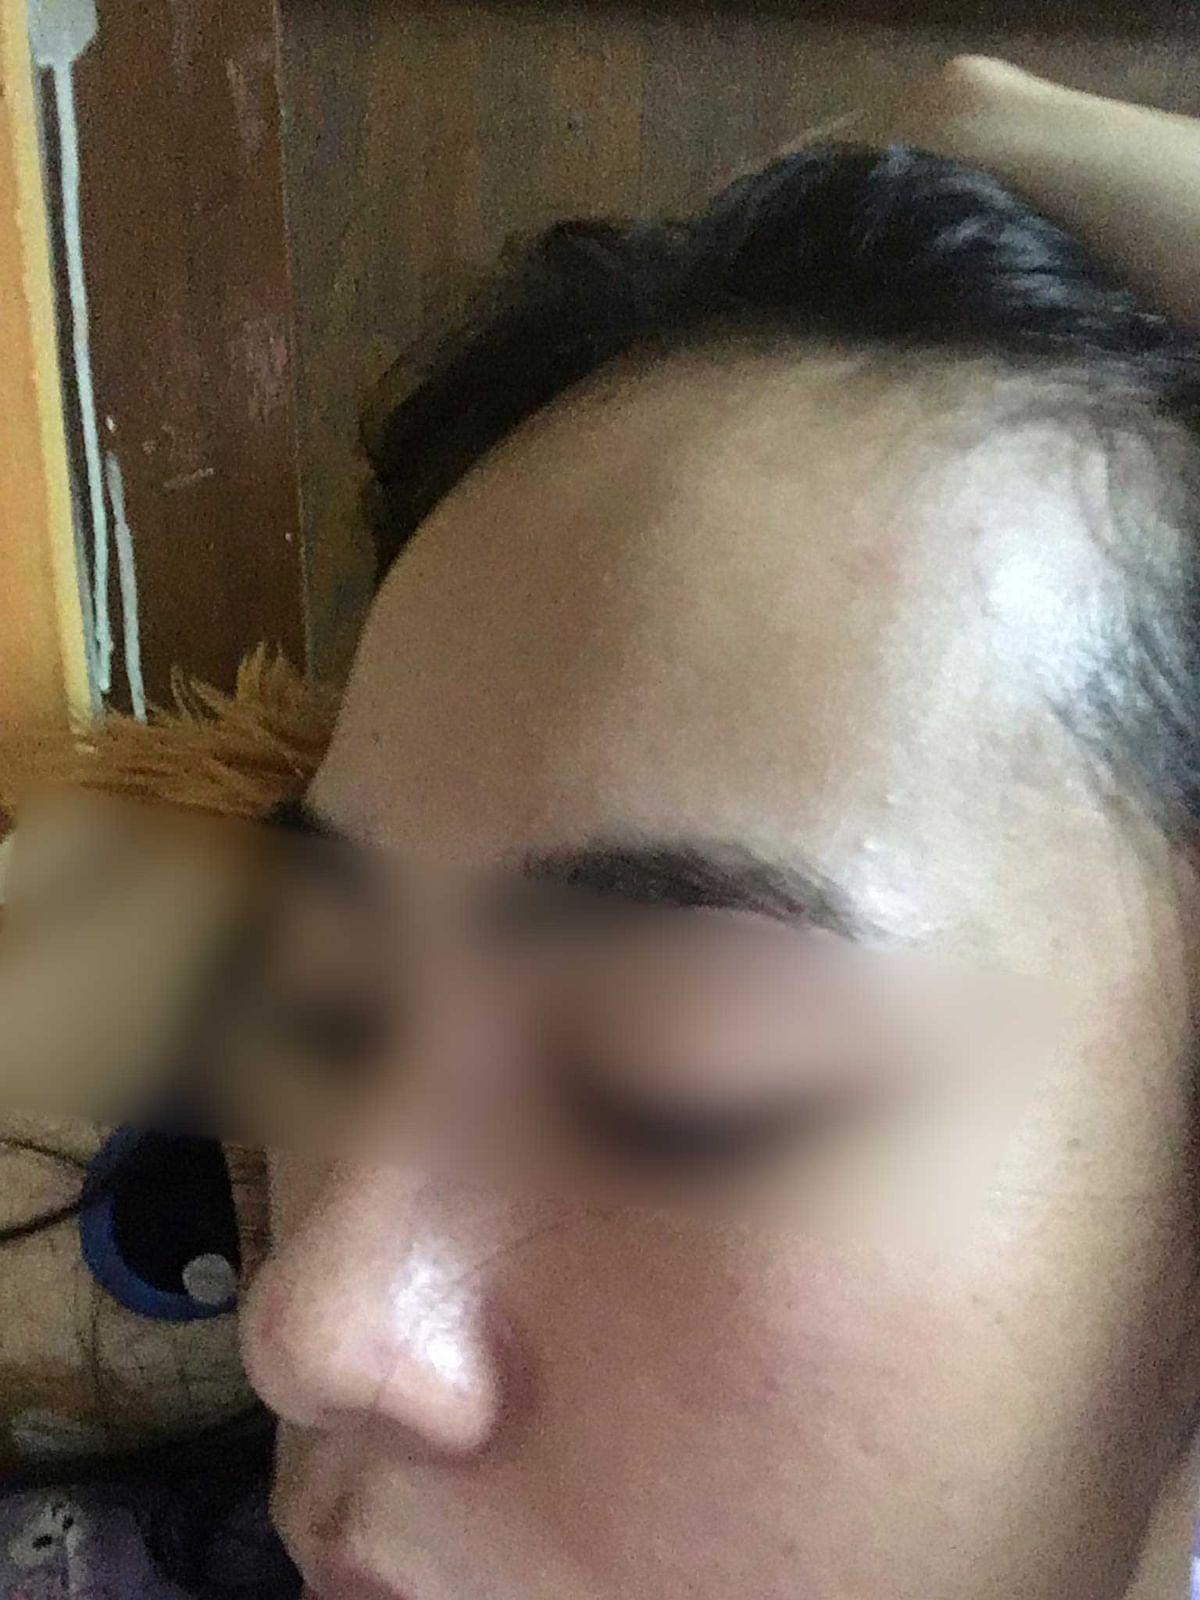 เบื้องต้น มีอาการหัวโน แก้มบวม ปวดจมูก มีรอยขีดข่วนที่ใบหน้า